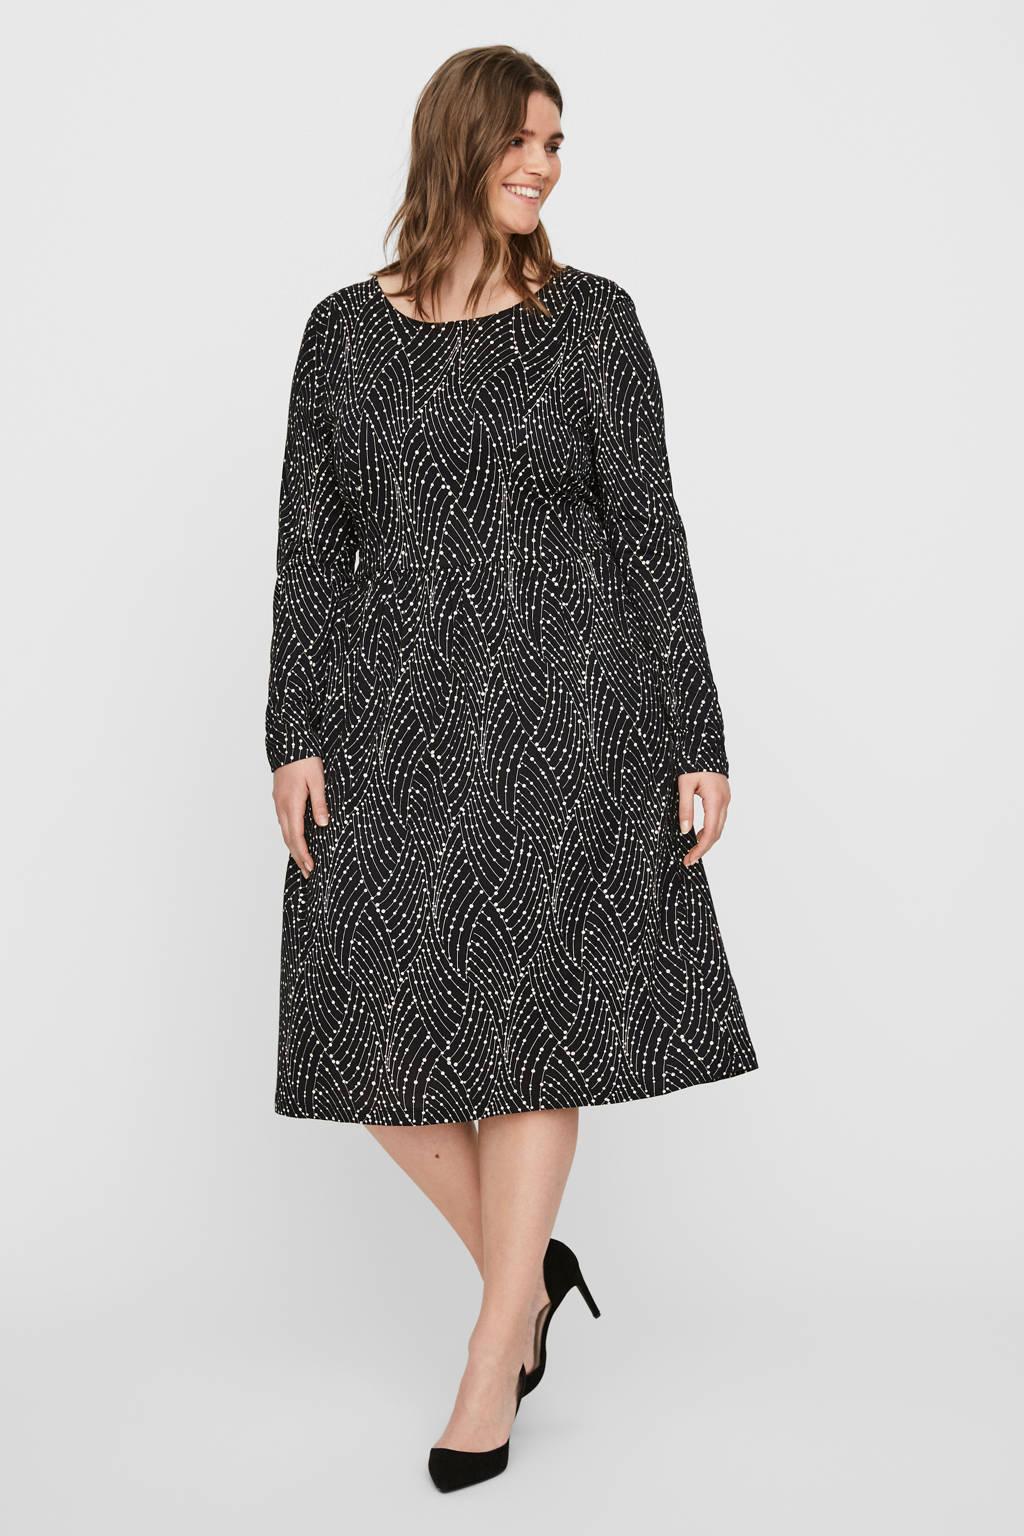 JUNAROSE A-lijn jurk met all over print zwart, Zwart